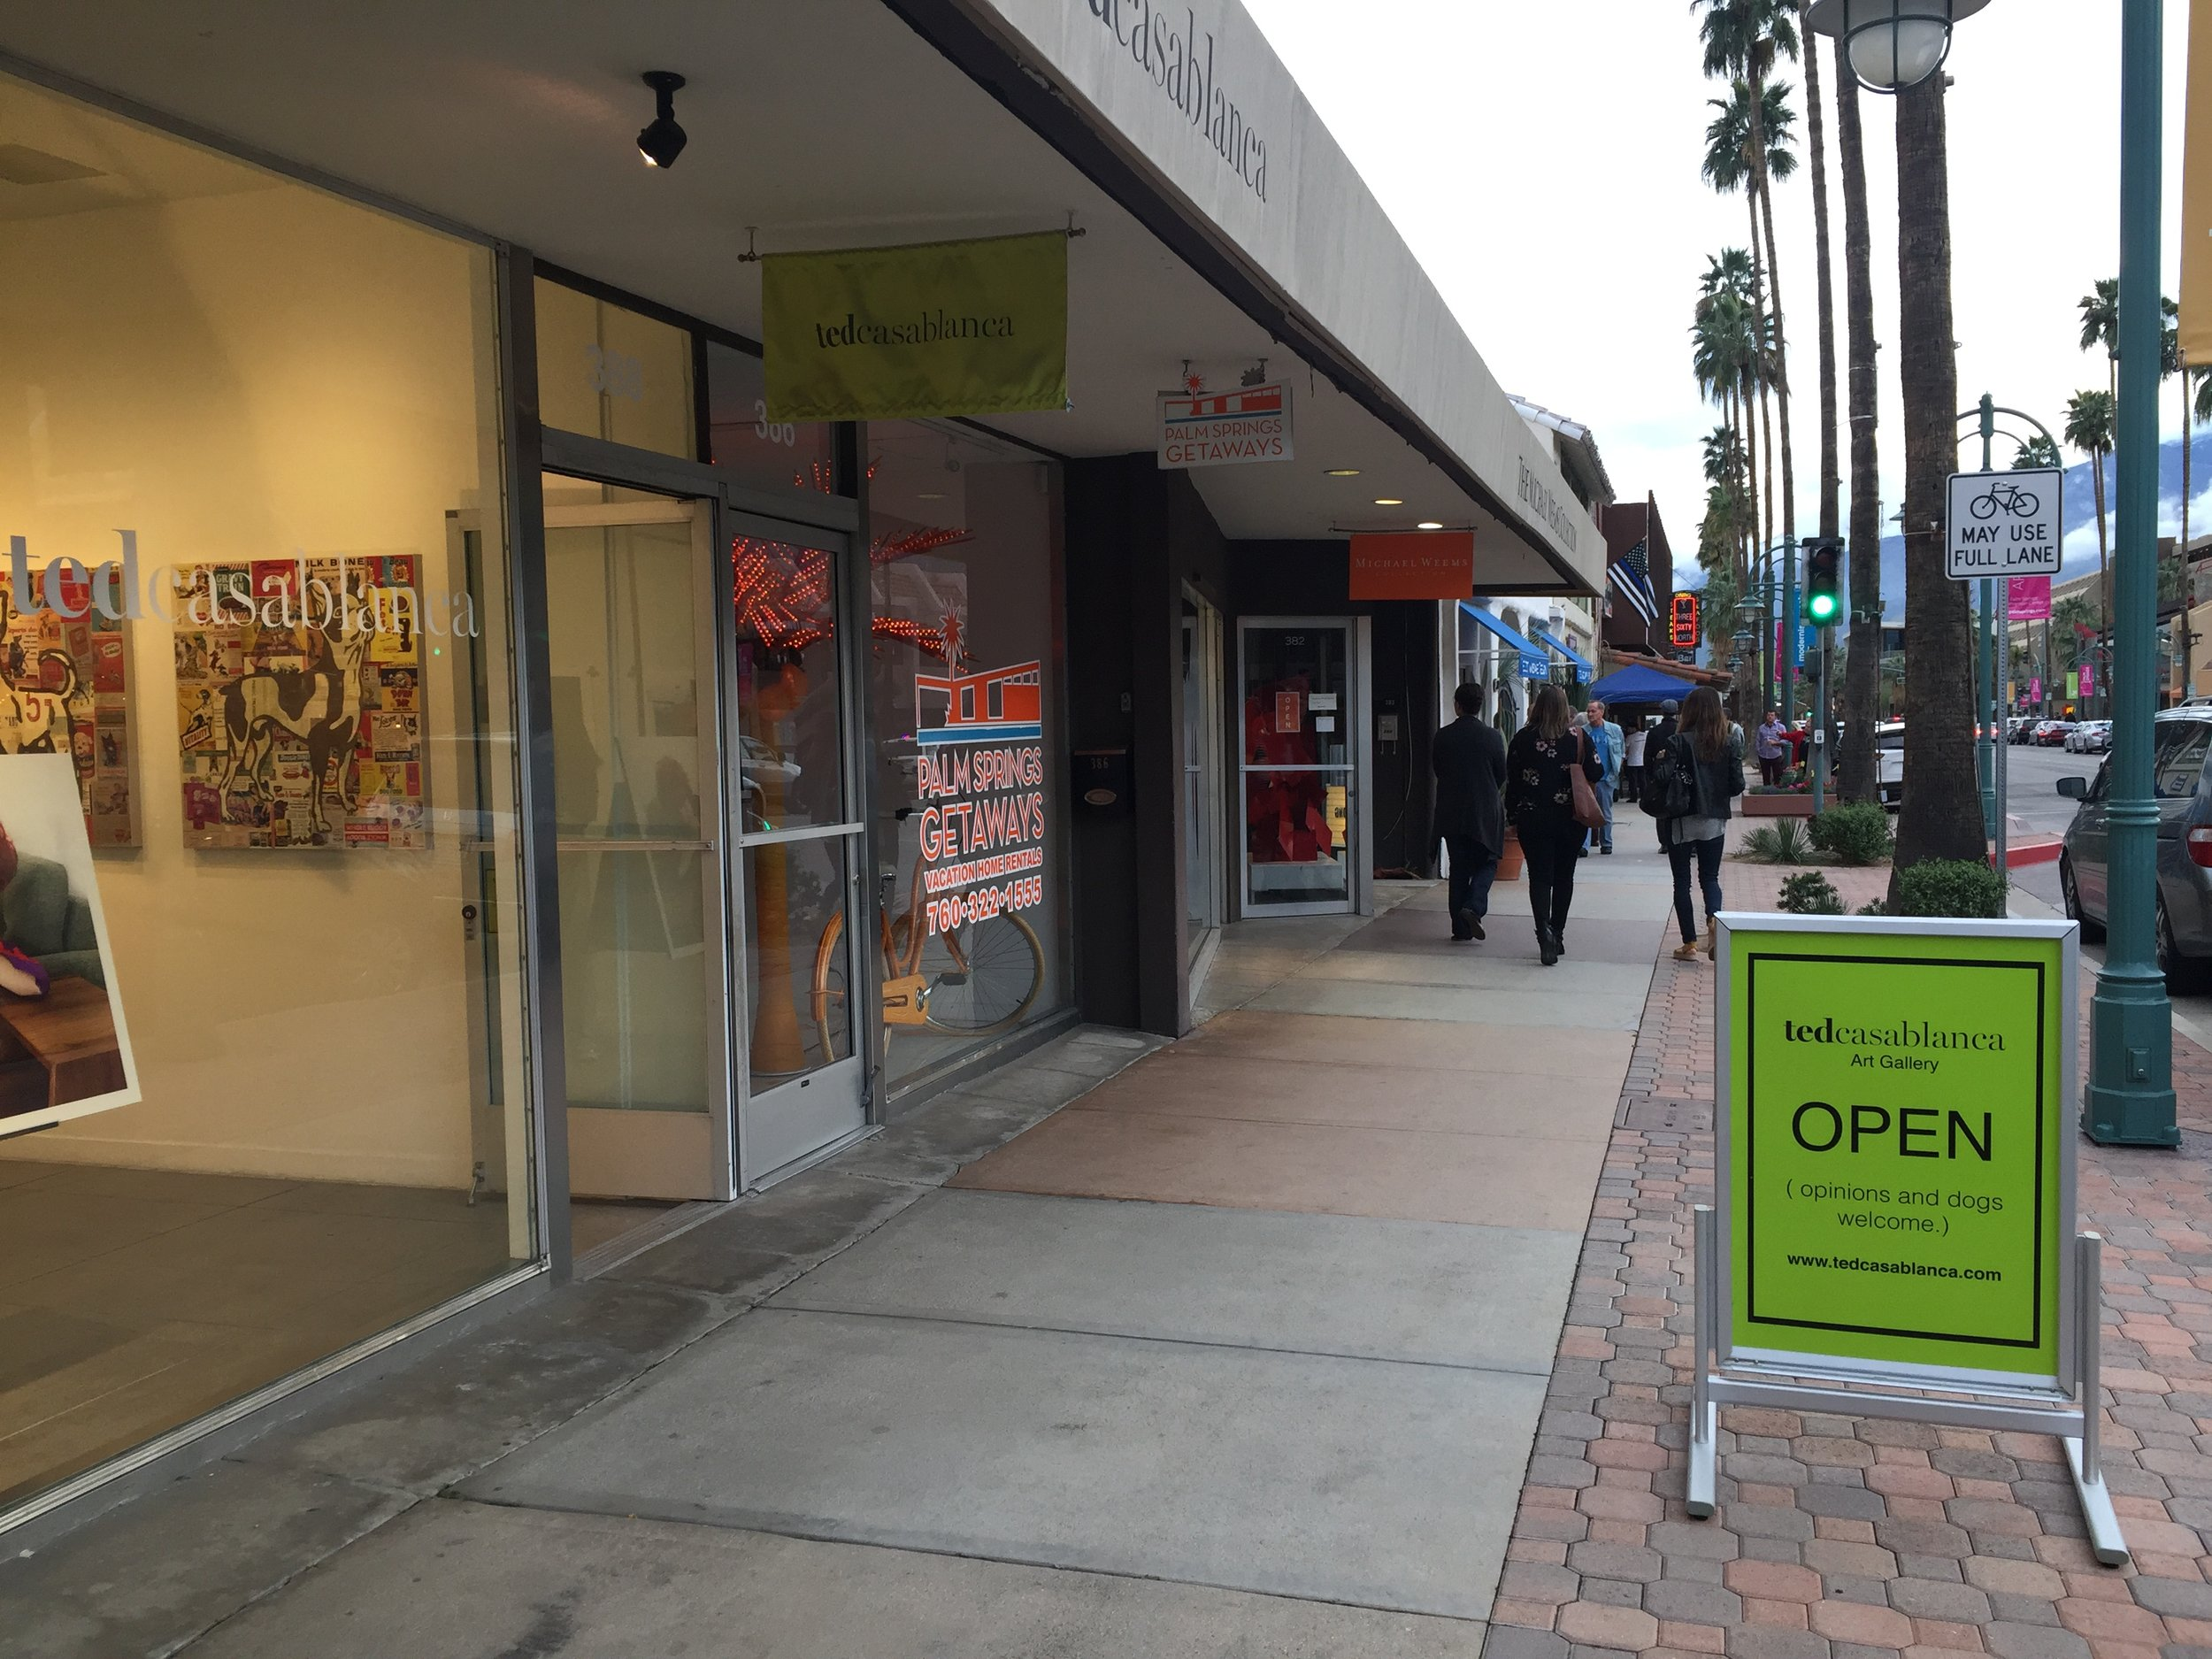 Ted Casablanca Gallery